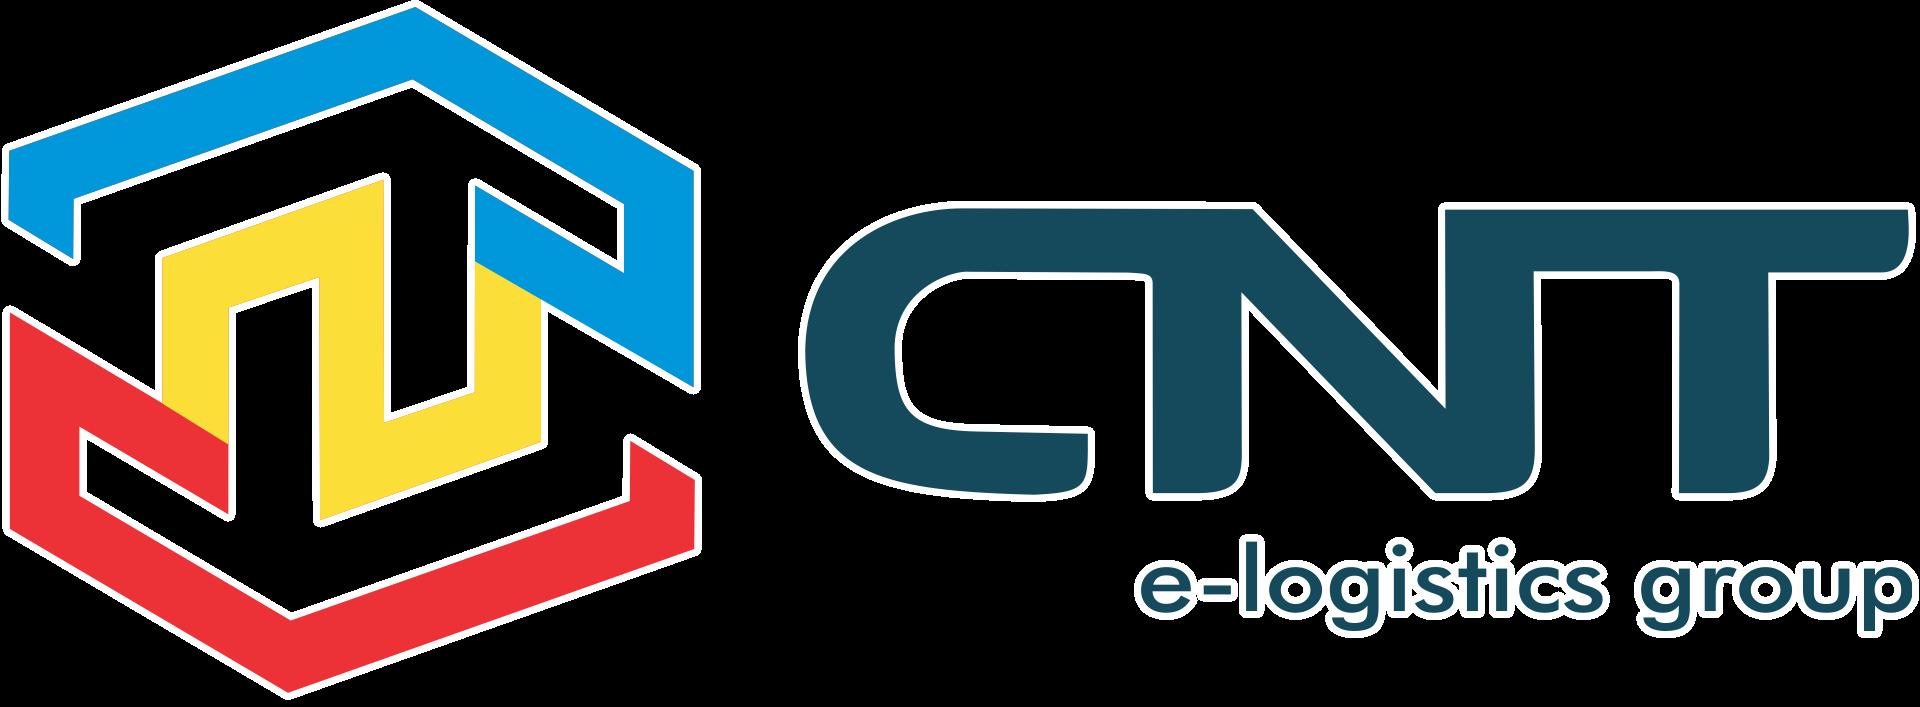 Logo Cntgroup